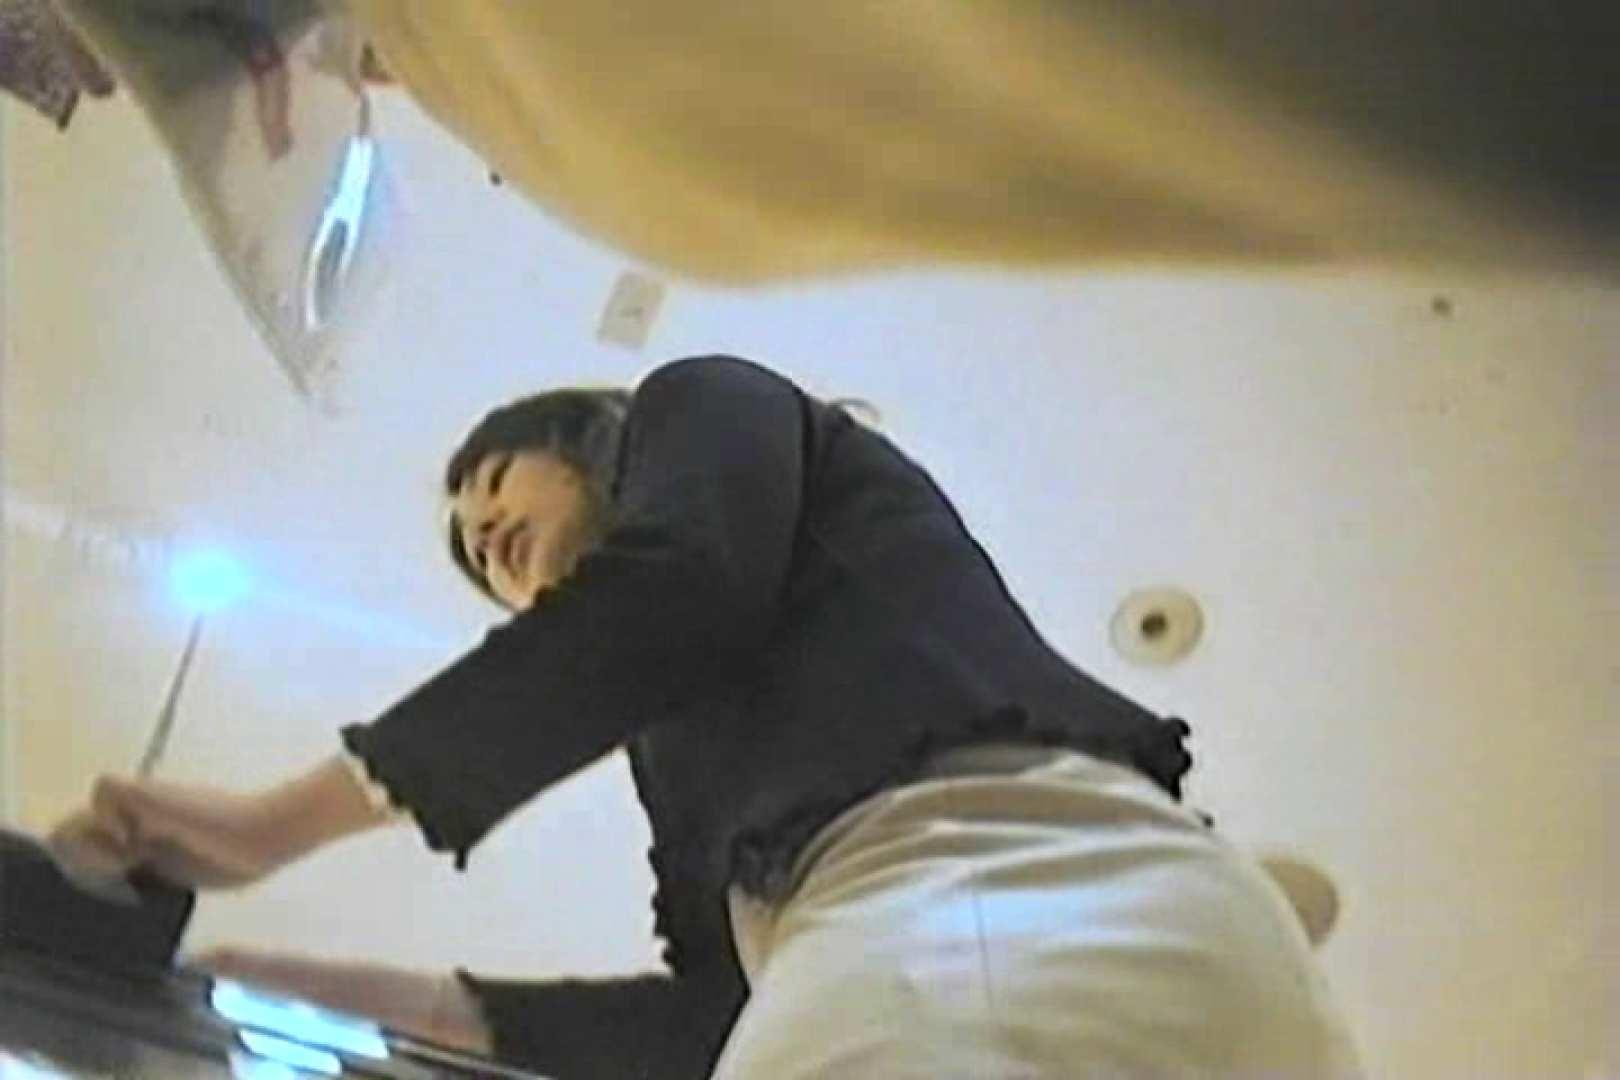 デパートローアングル徘徊 靴カメ盗撮Vol.2 フリーハンド オマンコ無修正動画無料 99pic 29